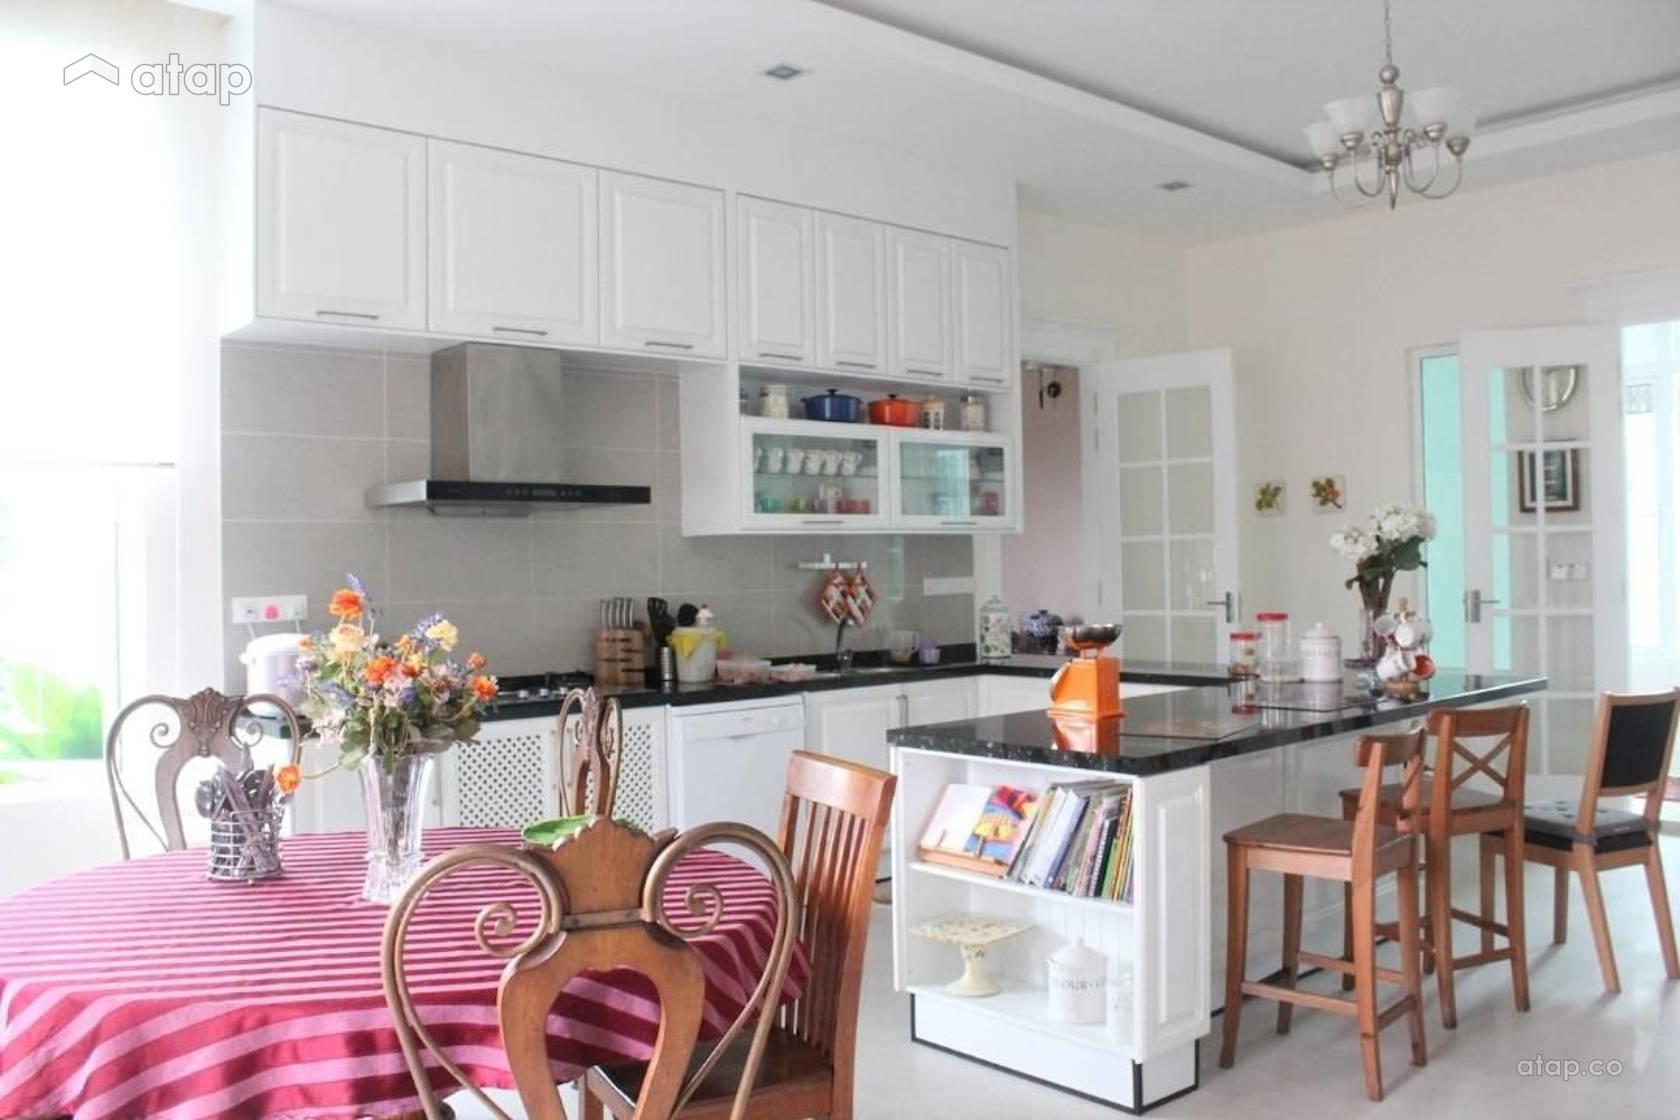 Country Dining Room Kitchen @ Saujana Impian Kajang